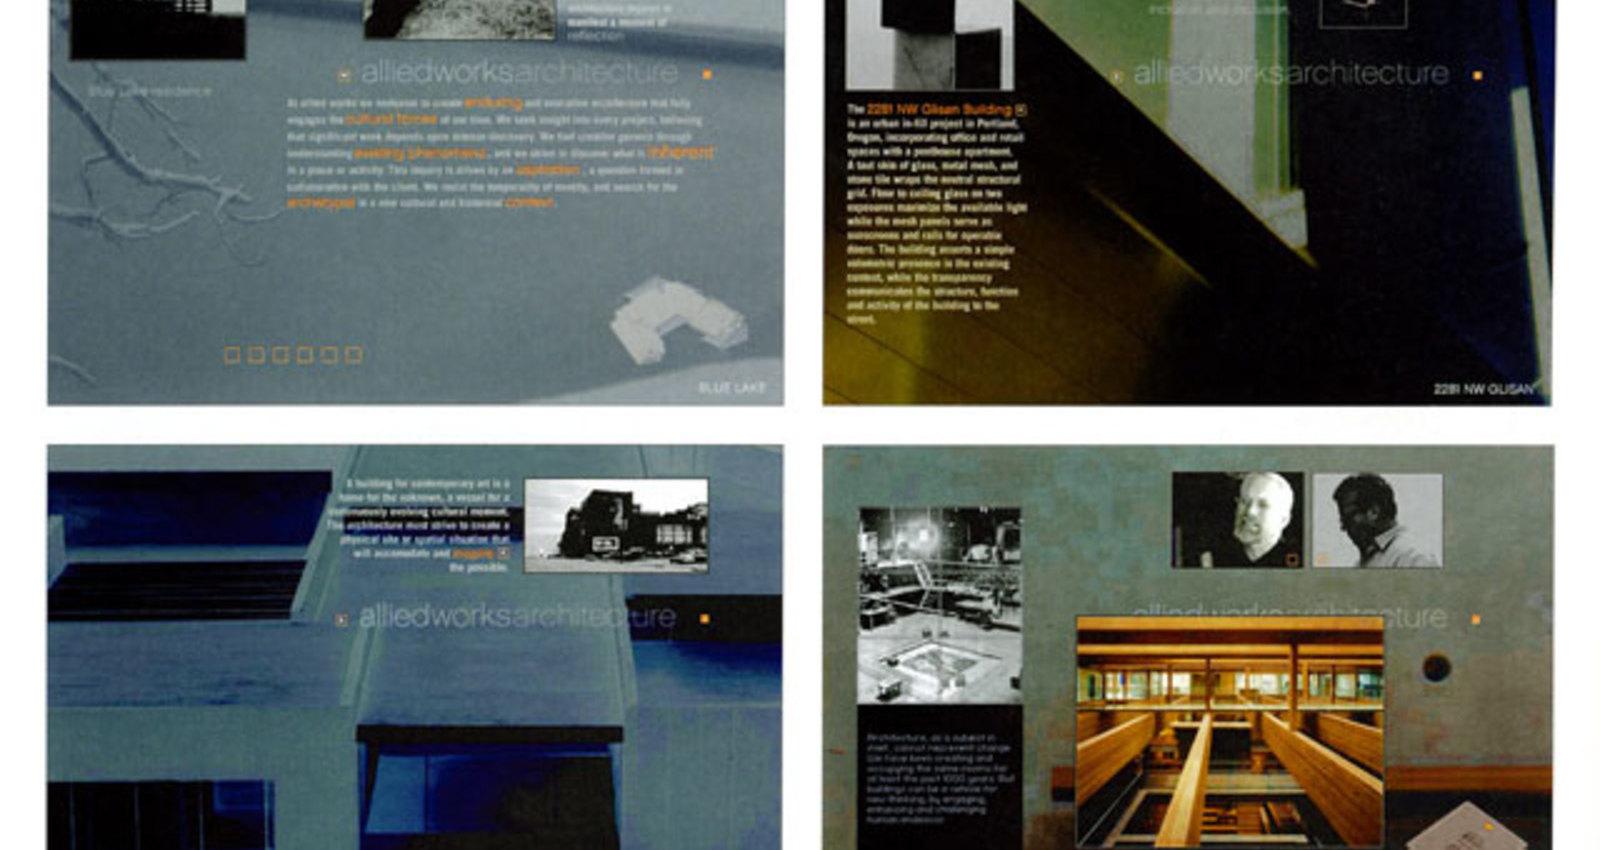 Allied Works Architecture website